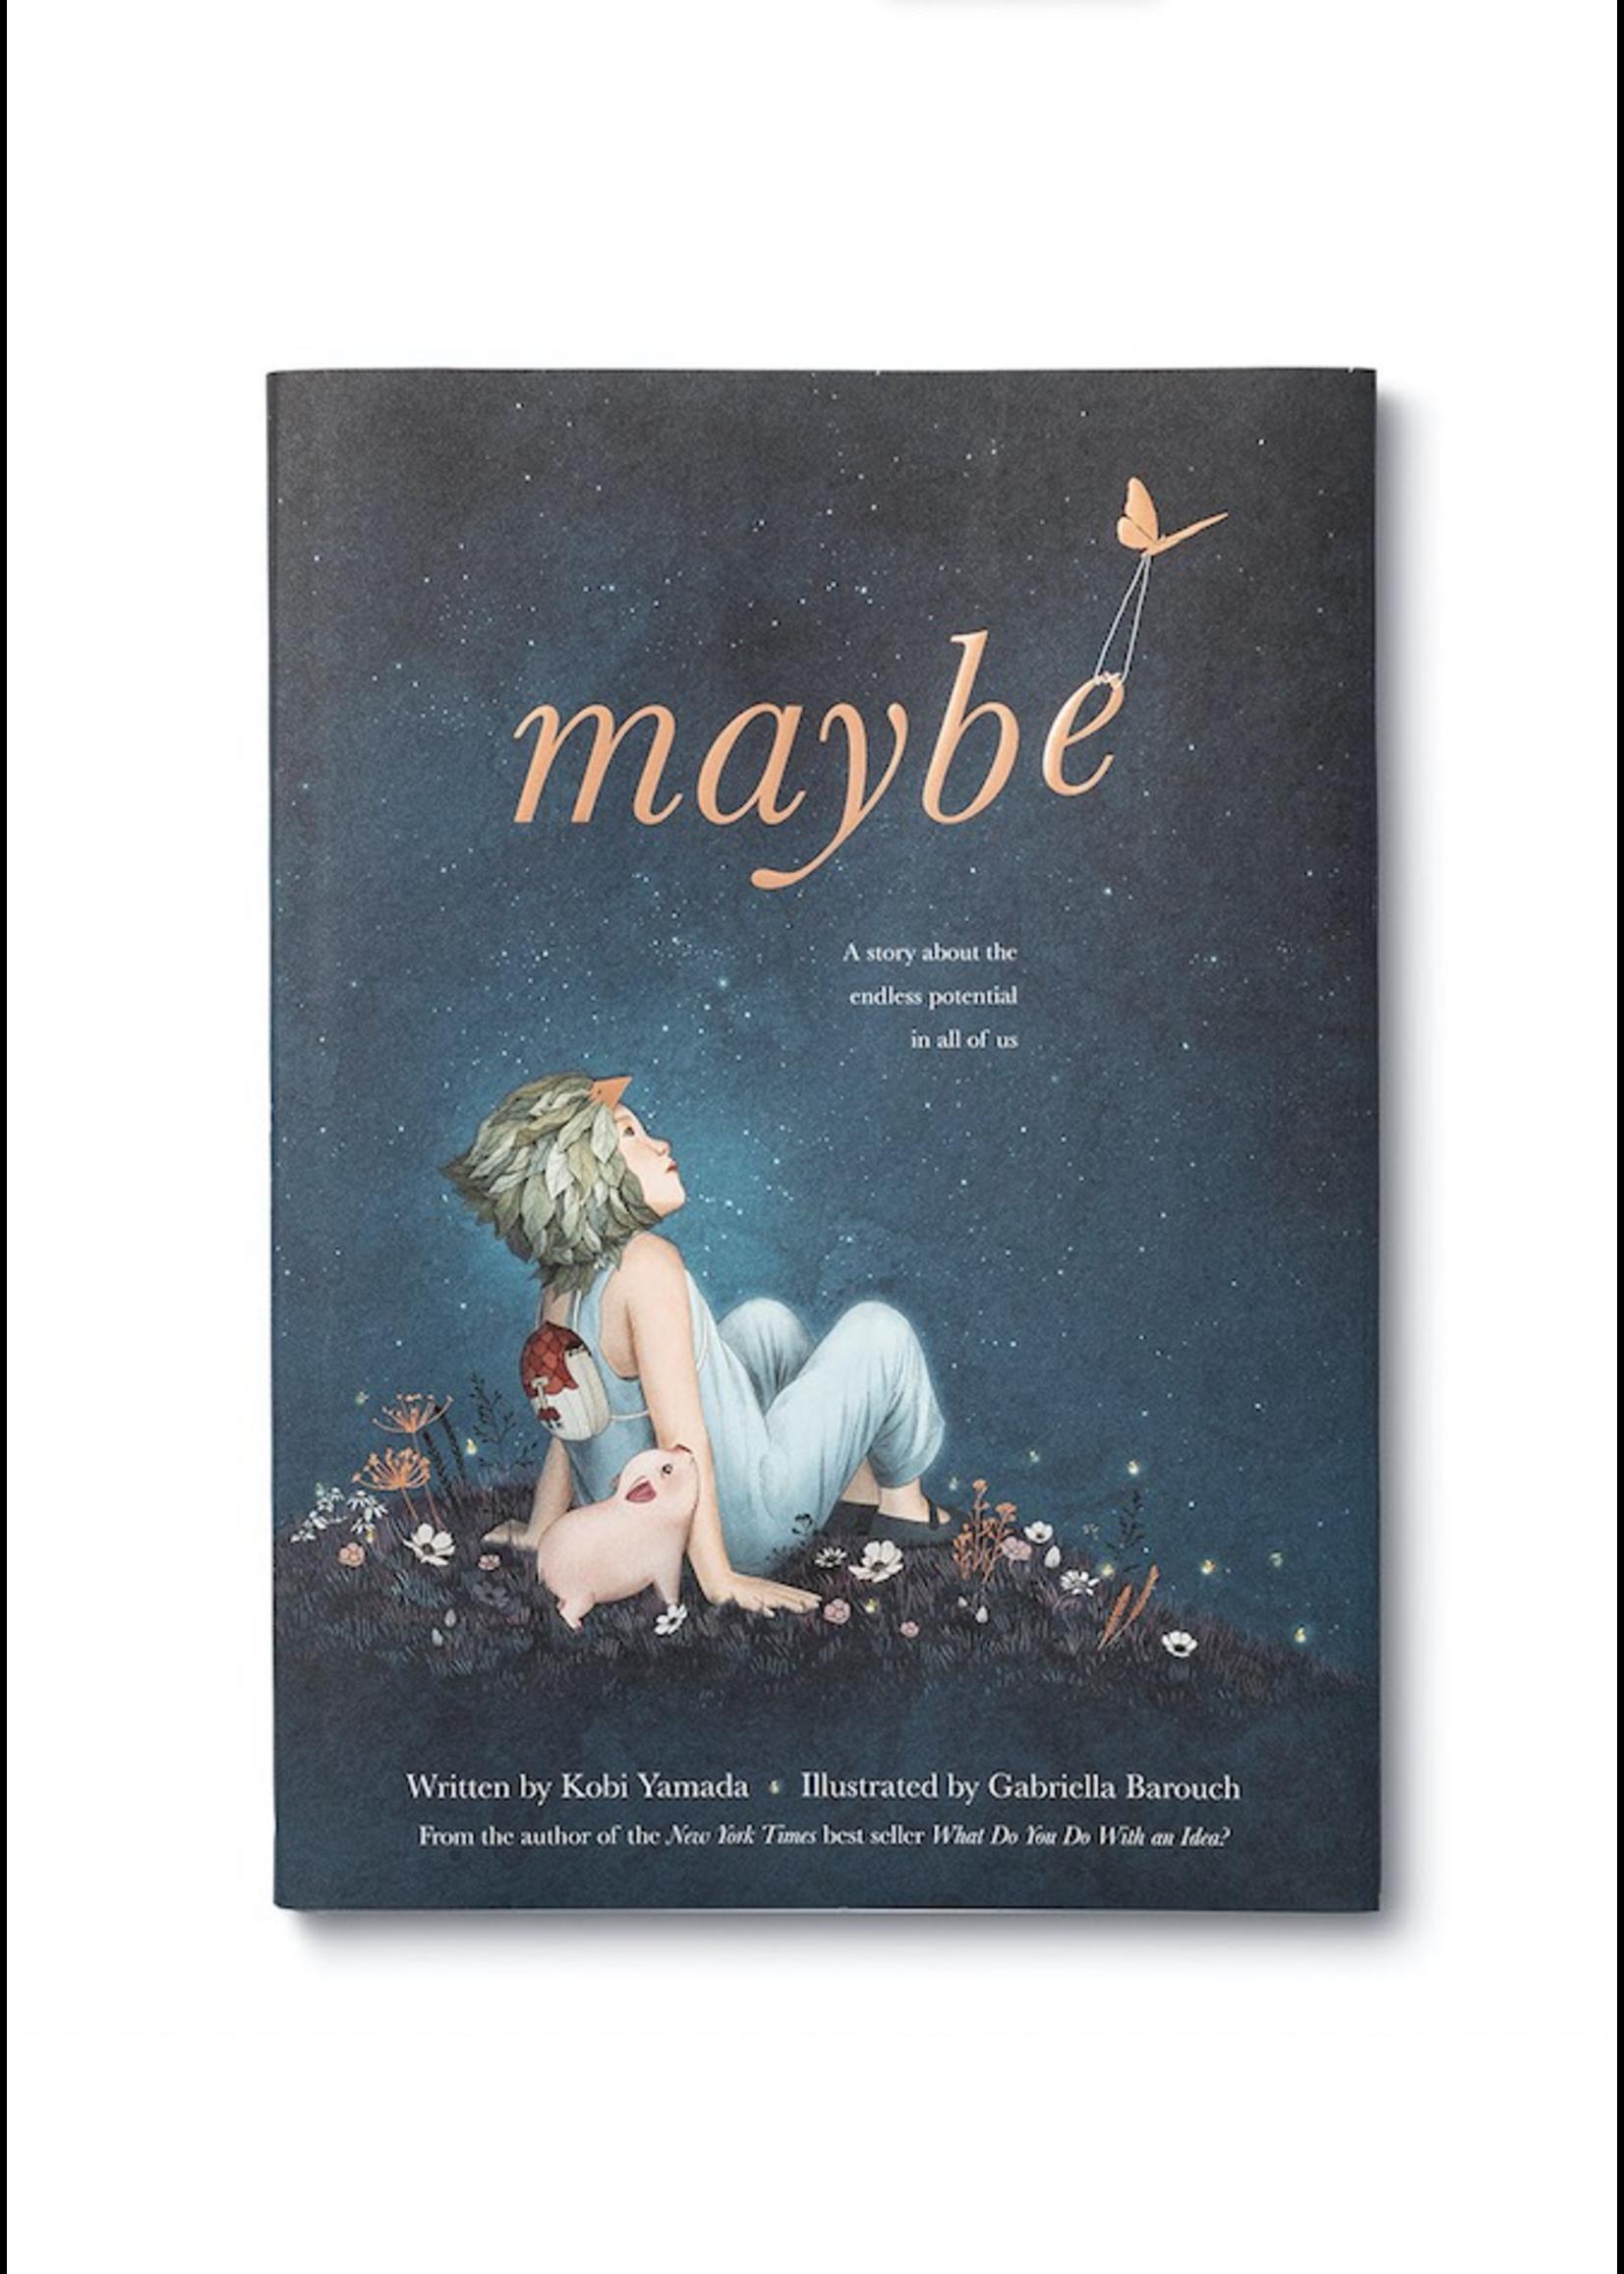 Compendium Maybe, Written by Kobi Yamada